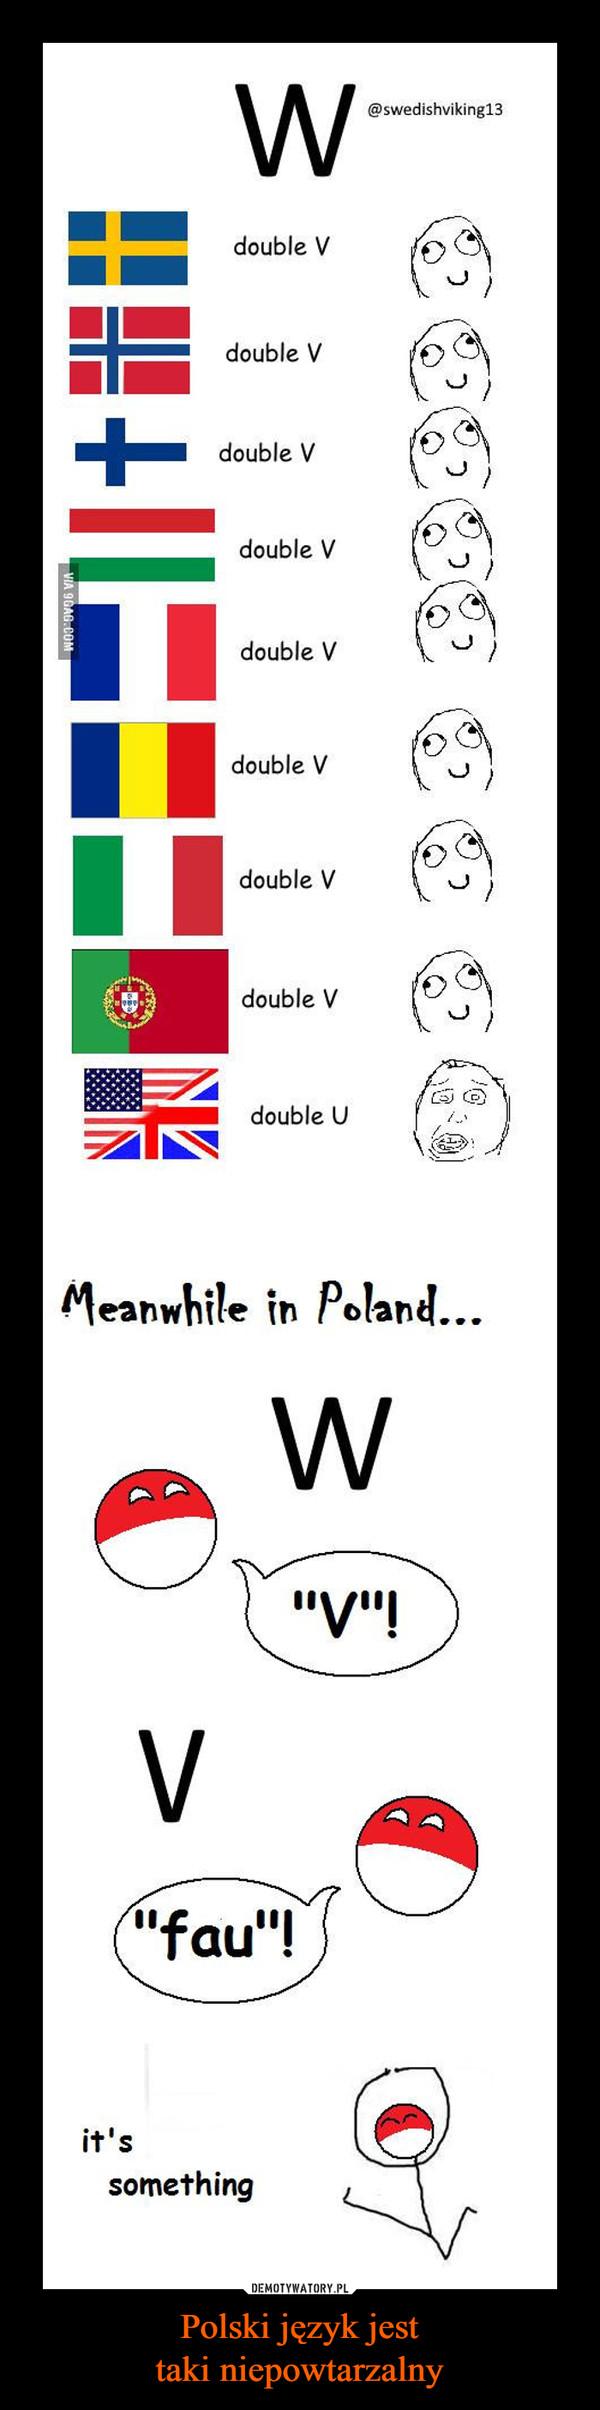 Polski język jesttaki niepowtarzalny –  double Vdouble Vdouble Vdouble Vdouble Vdouble Vdouble Vdouble Vdouble V